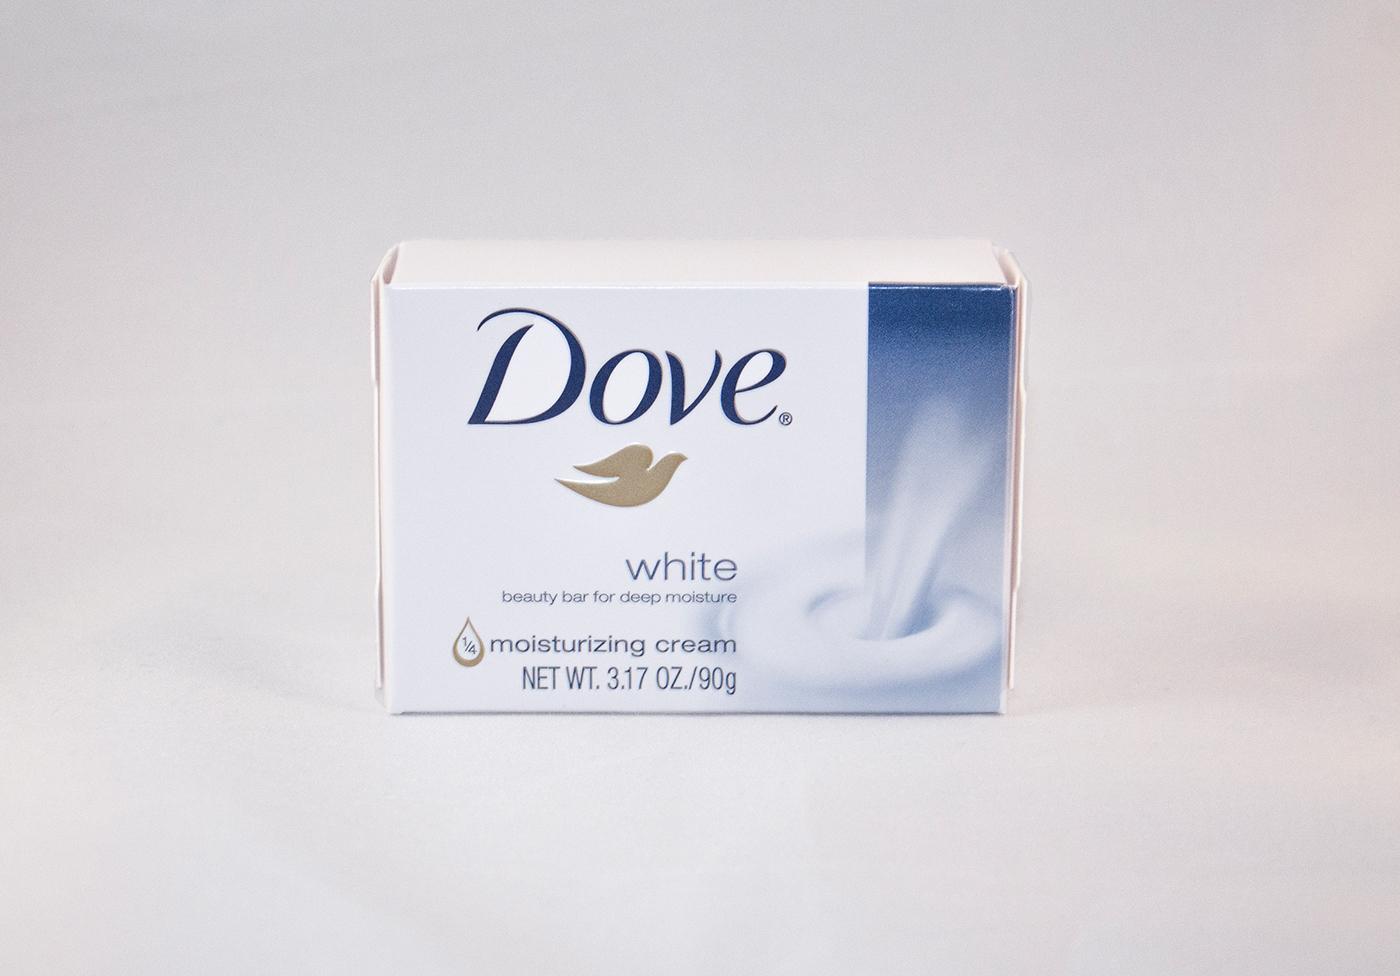 細緻的32張肥皂包裝欣賞